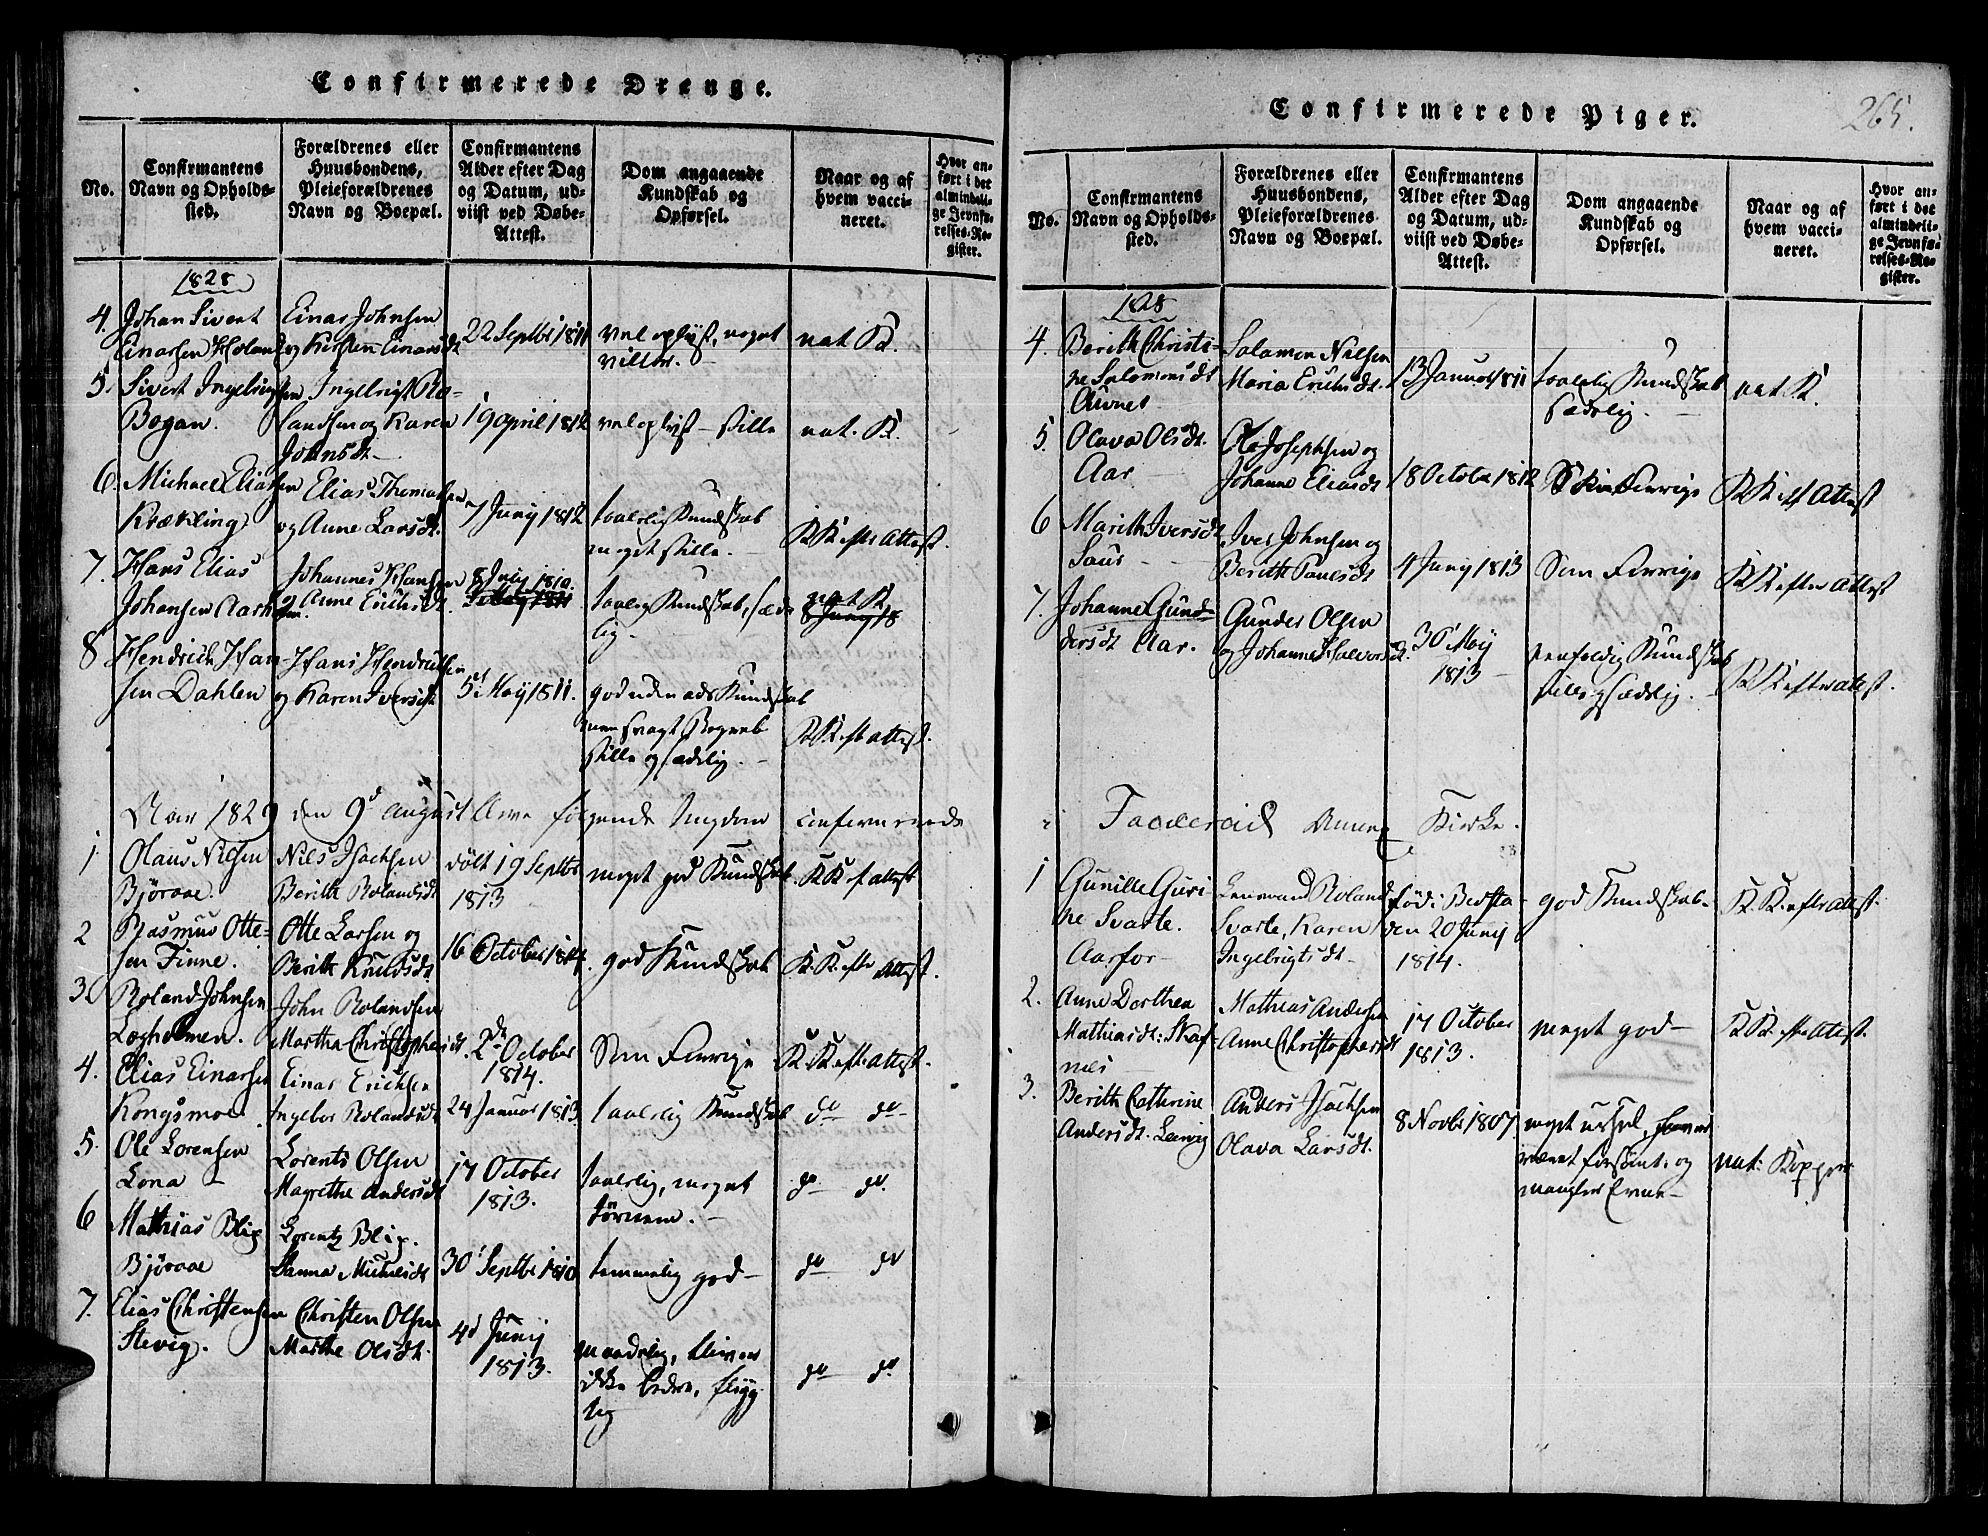 SAT, Ministerialprotokoller, klokkerbøker og fødselsregistre - Nord-Trøndelag, 780/L0636: Ministerialbok nr. 780A03 /1, 1815-1830, s. 265